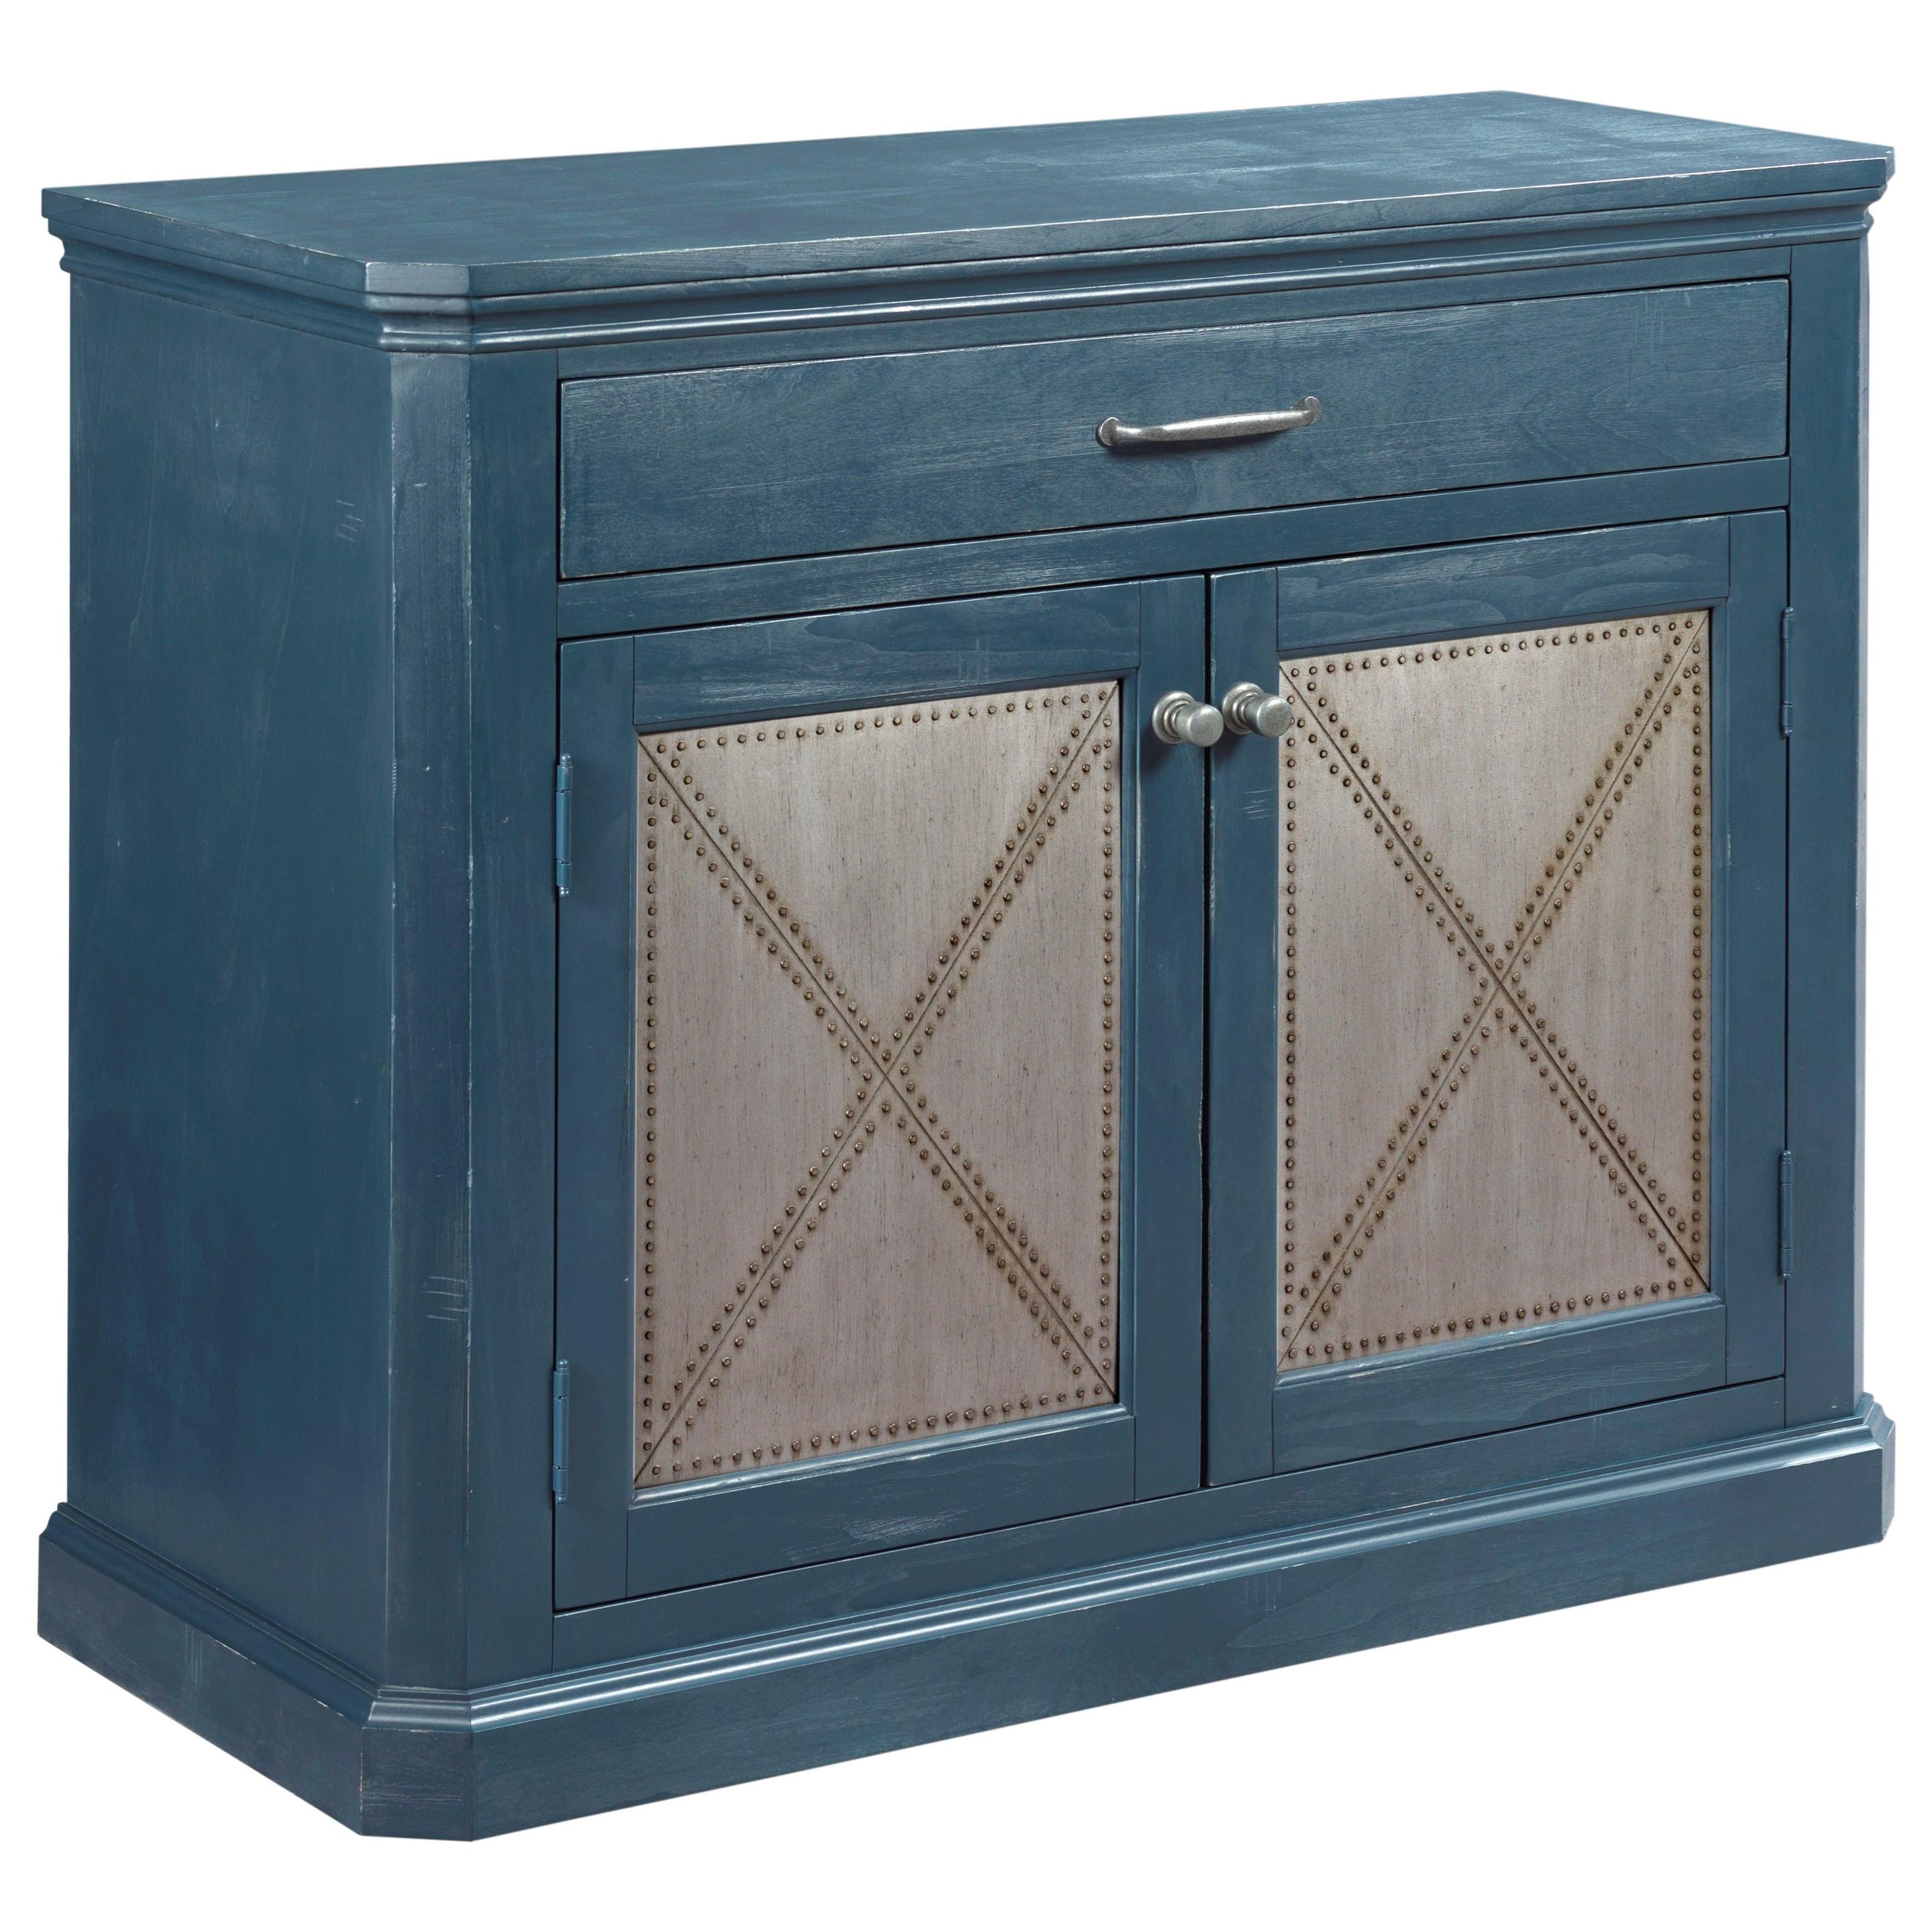 Hidden Treasures Door Cabinet by Hammary at Stoney Creek Furniture